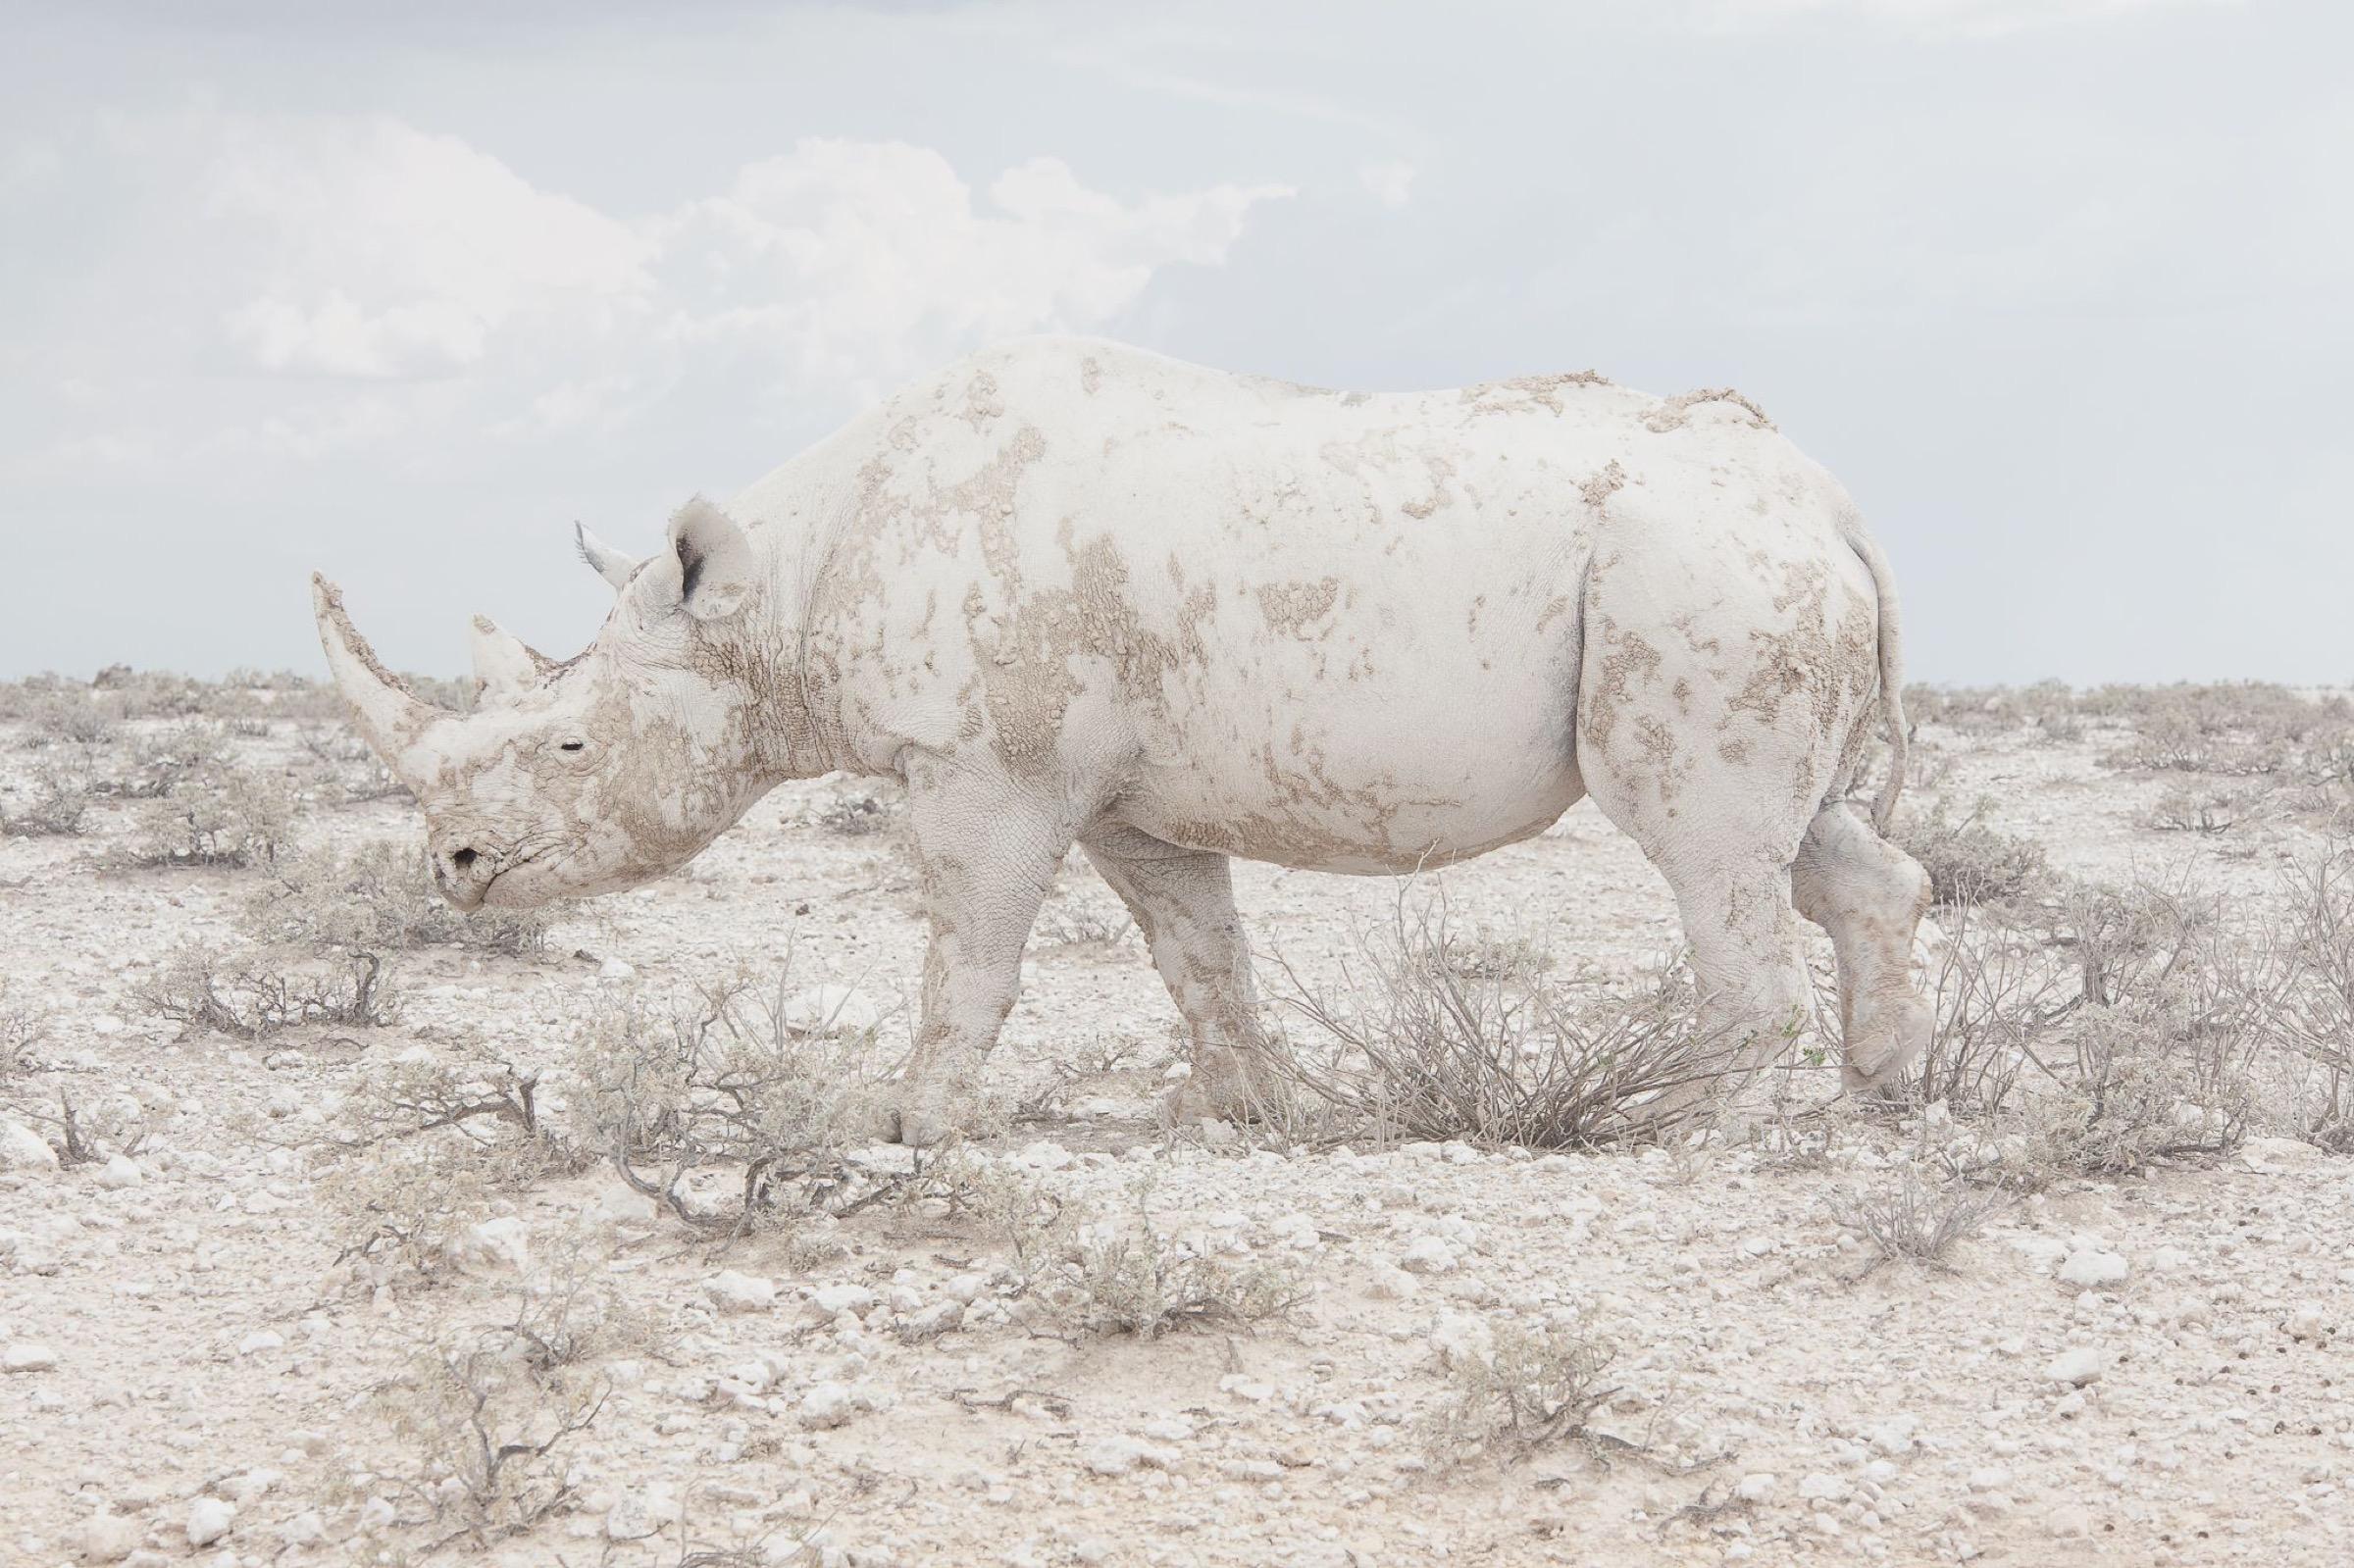 Black Rhino, Etosha National Park, Namibia - 2015